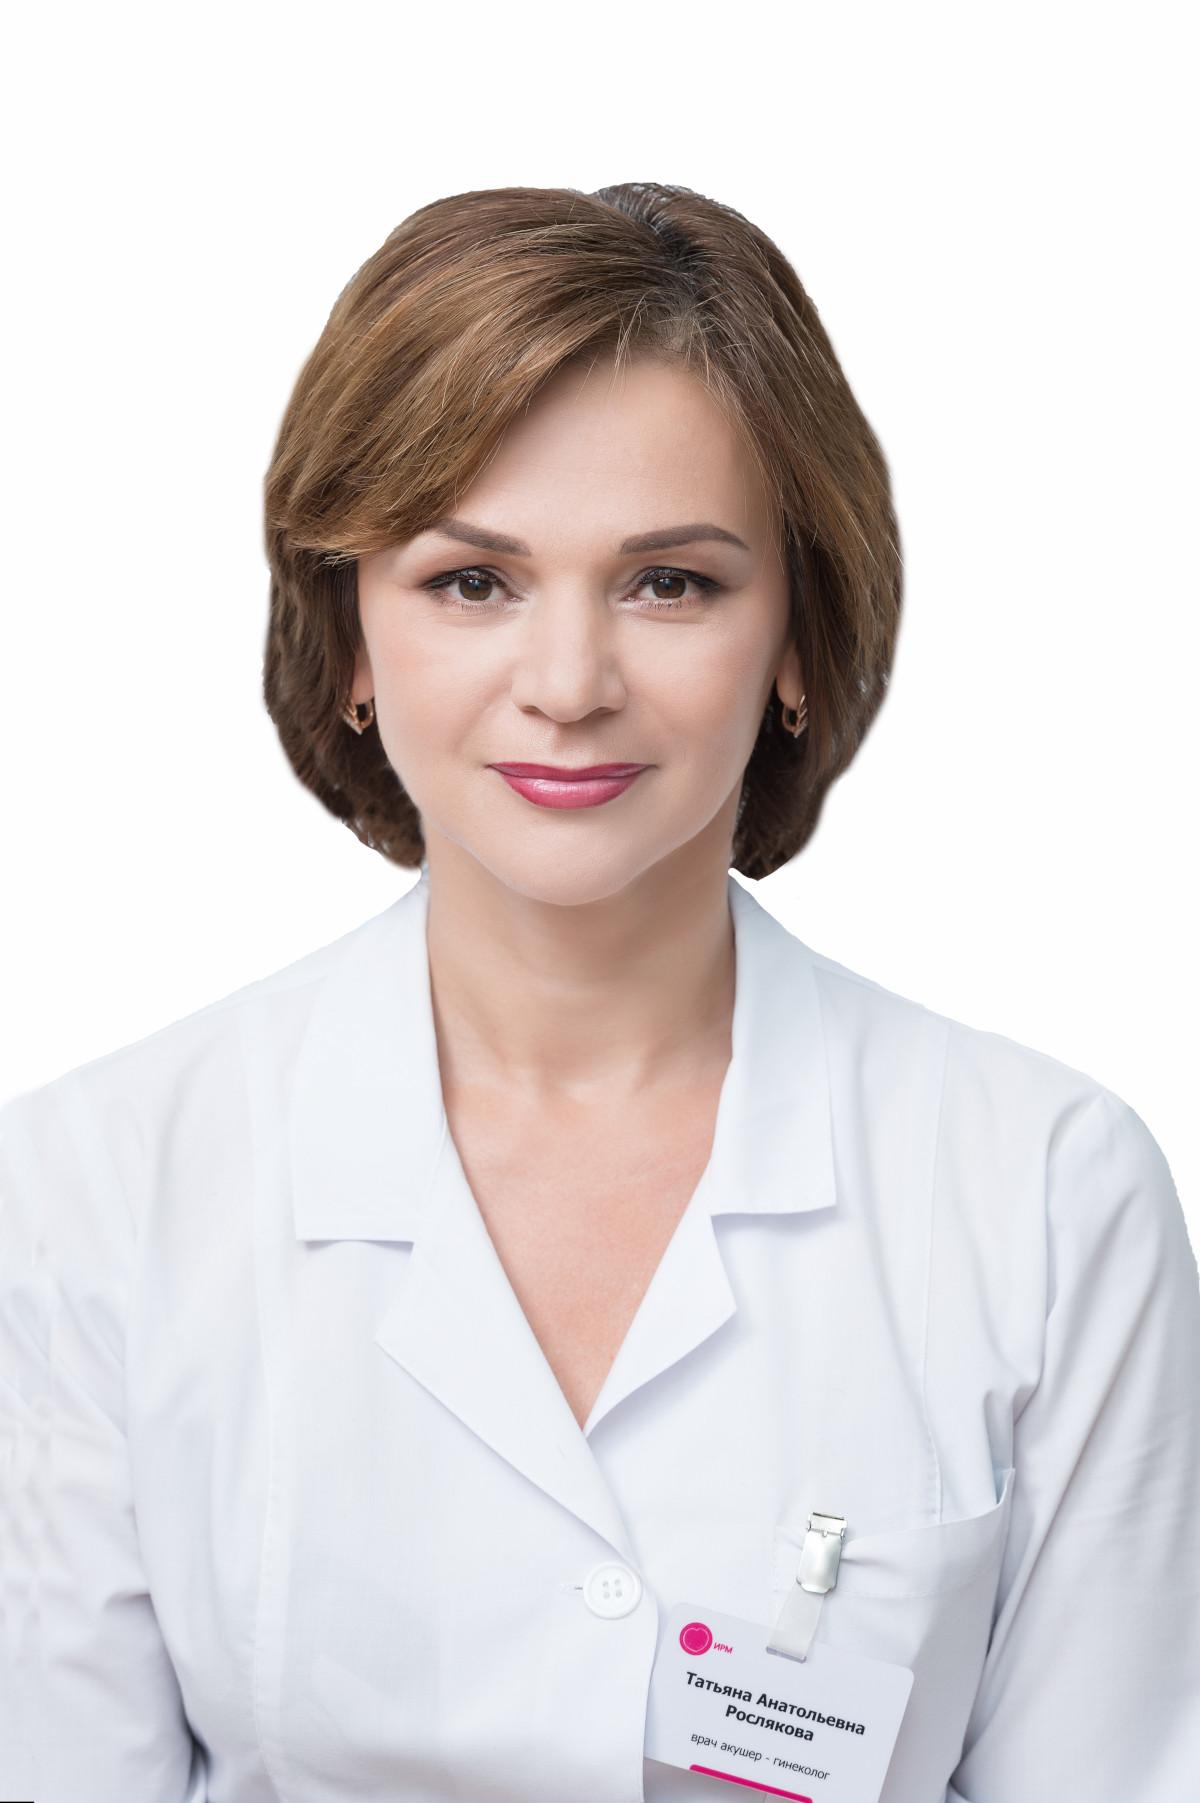 Рослякова Татьяна Анатольевна фото